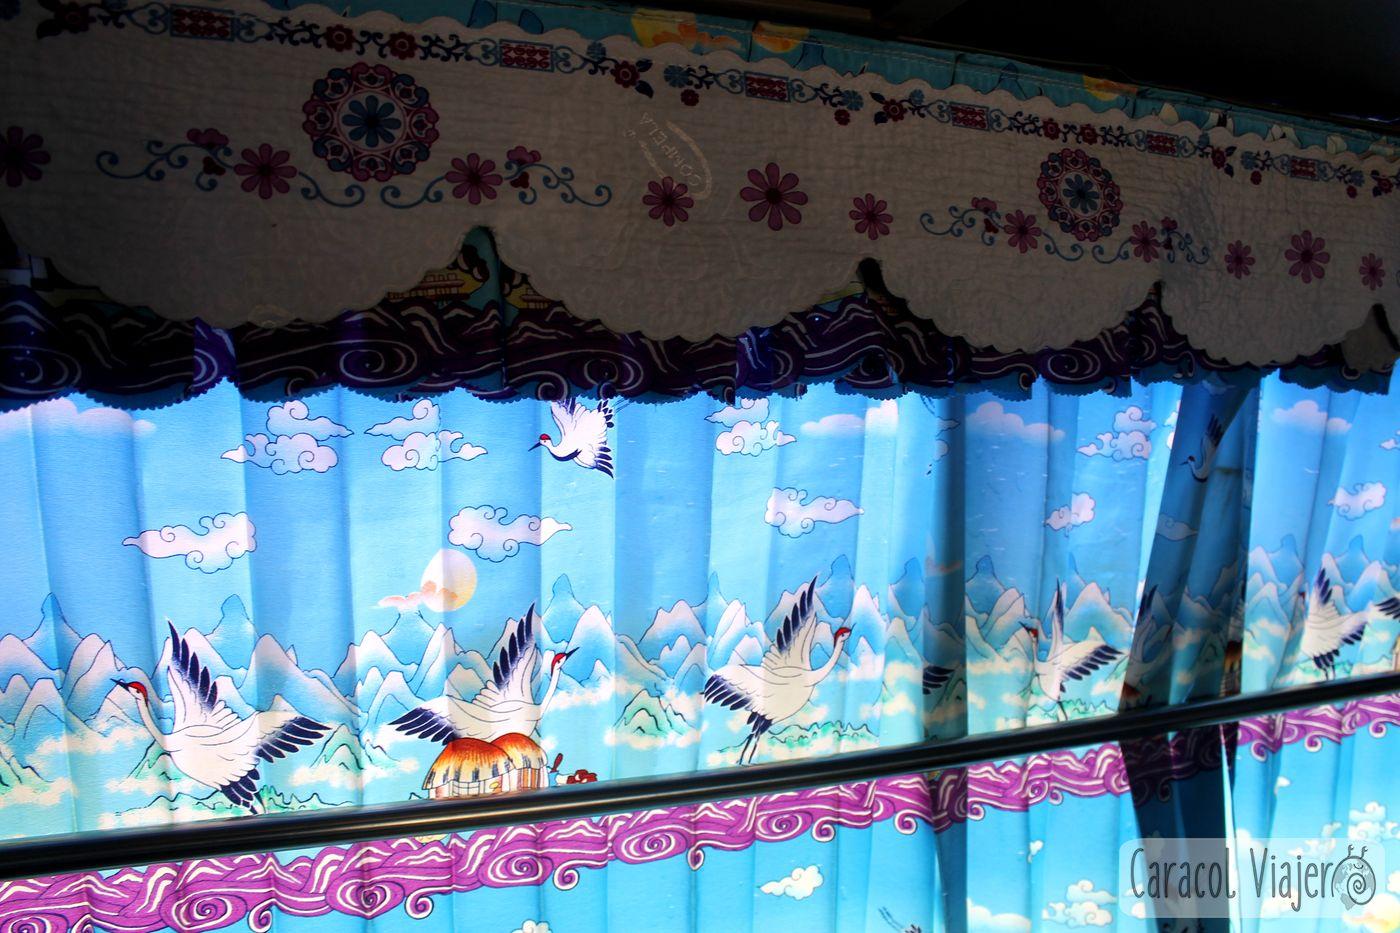 Camboya y la decoración de sus buses